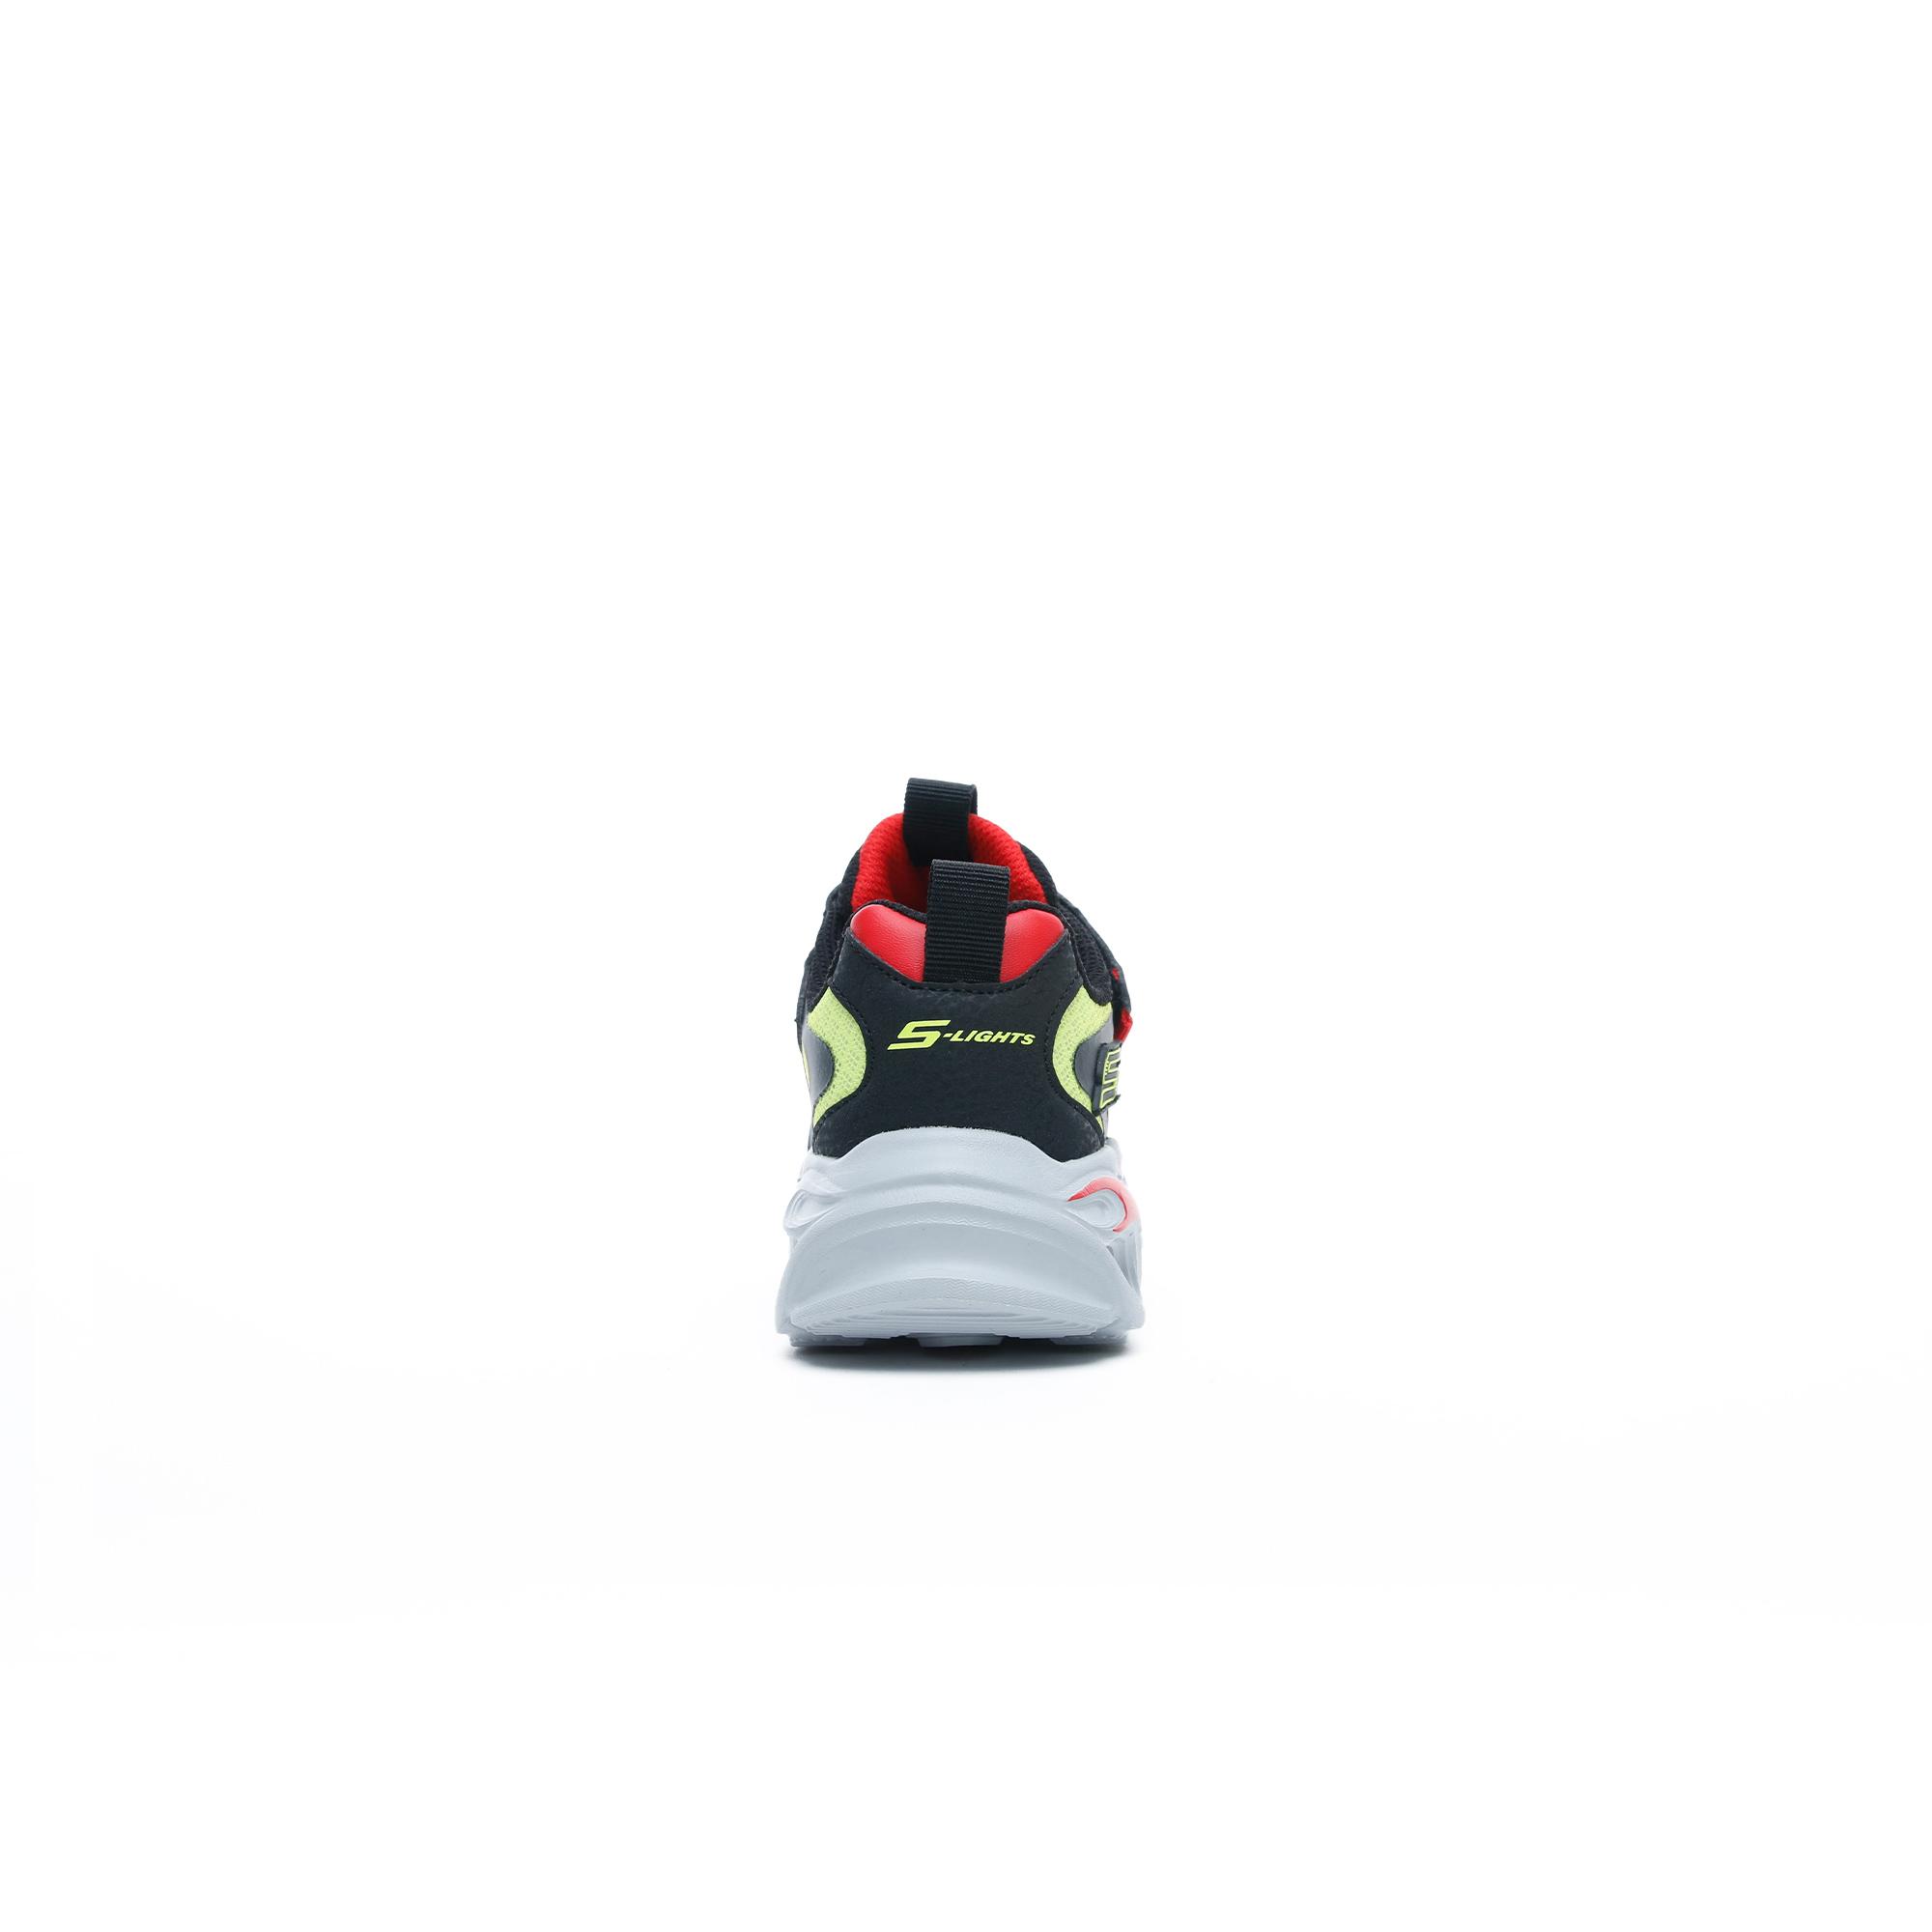 Skechers Thermo-Flash Çocuk Siyah Spor Ayakkabı